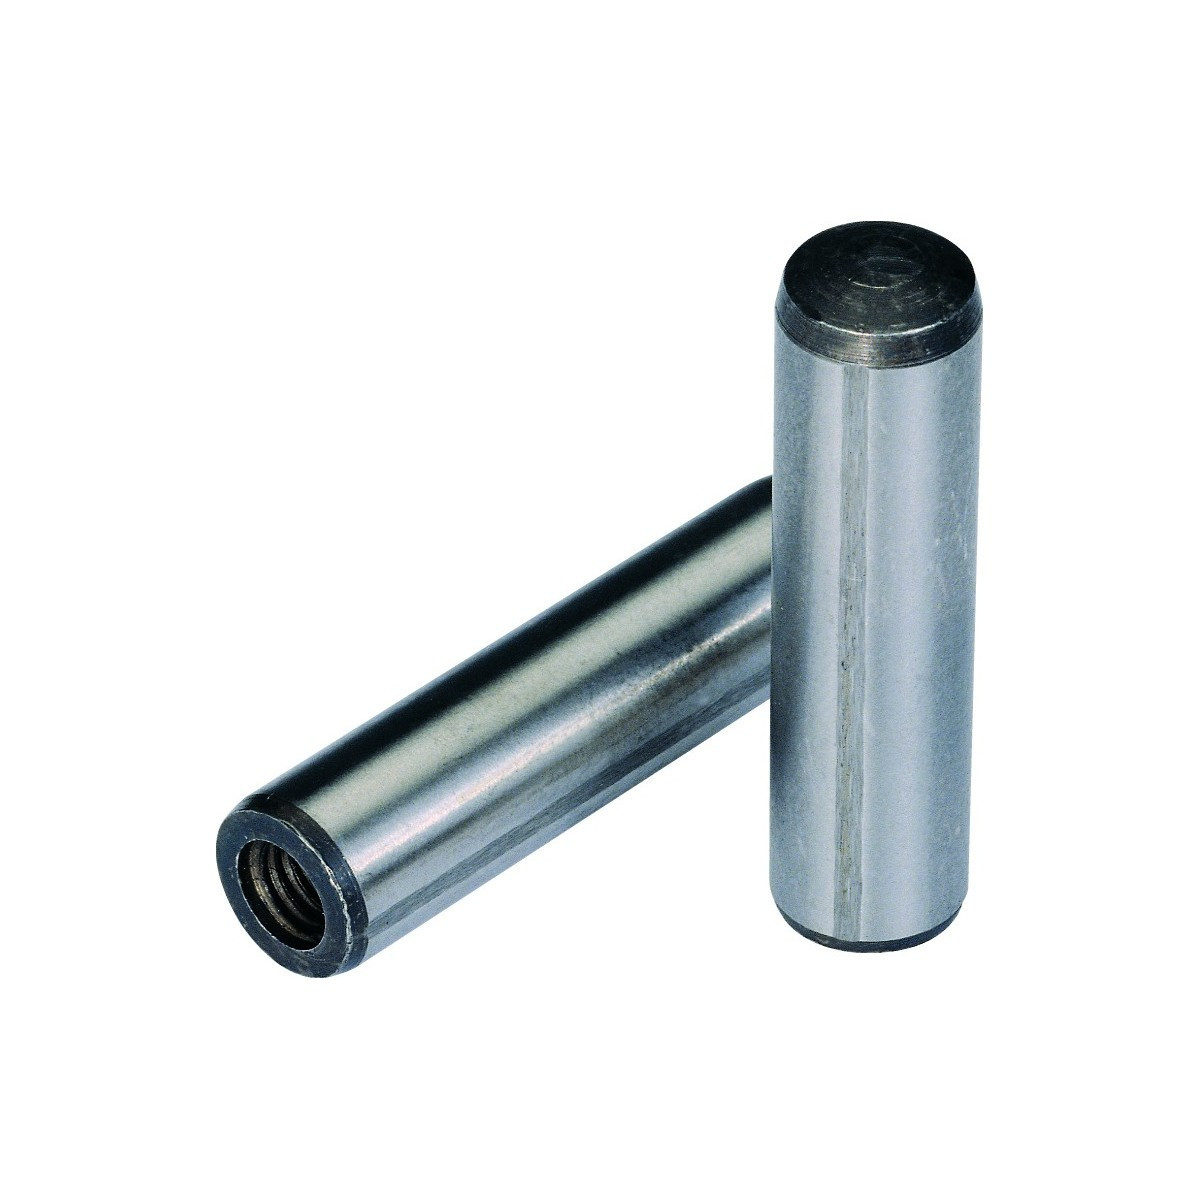 Штифт циліндричний MMG DIN 7979D M10 х 60 Клас 10.9 (Фосфат) 1 шт